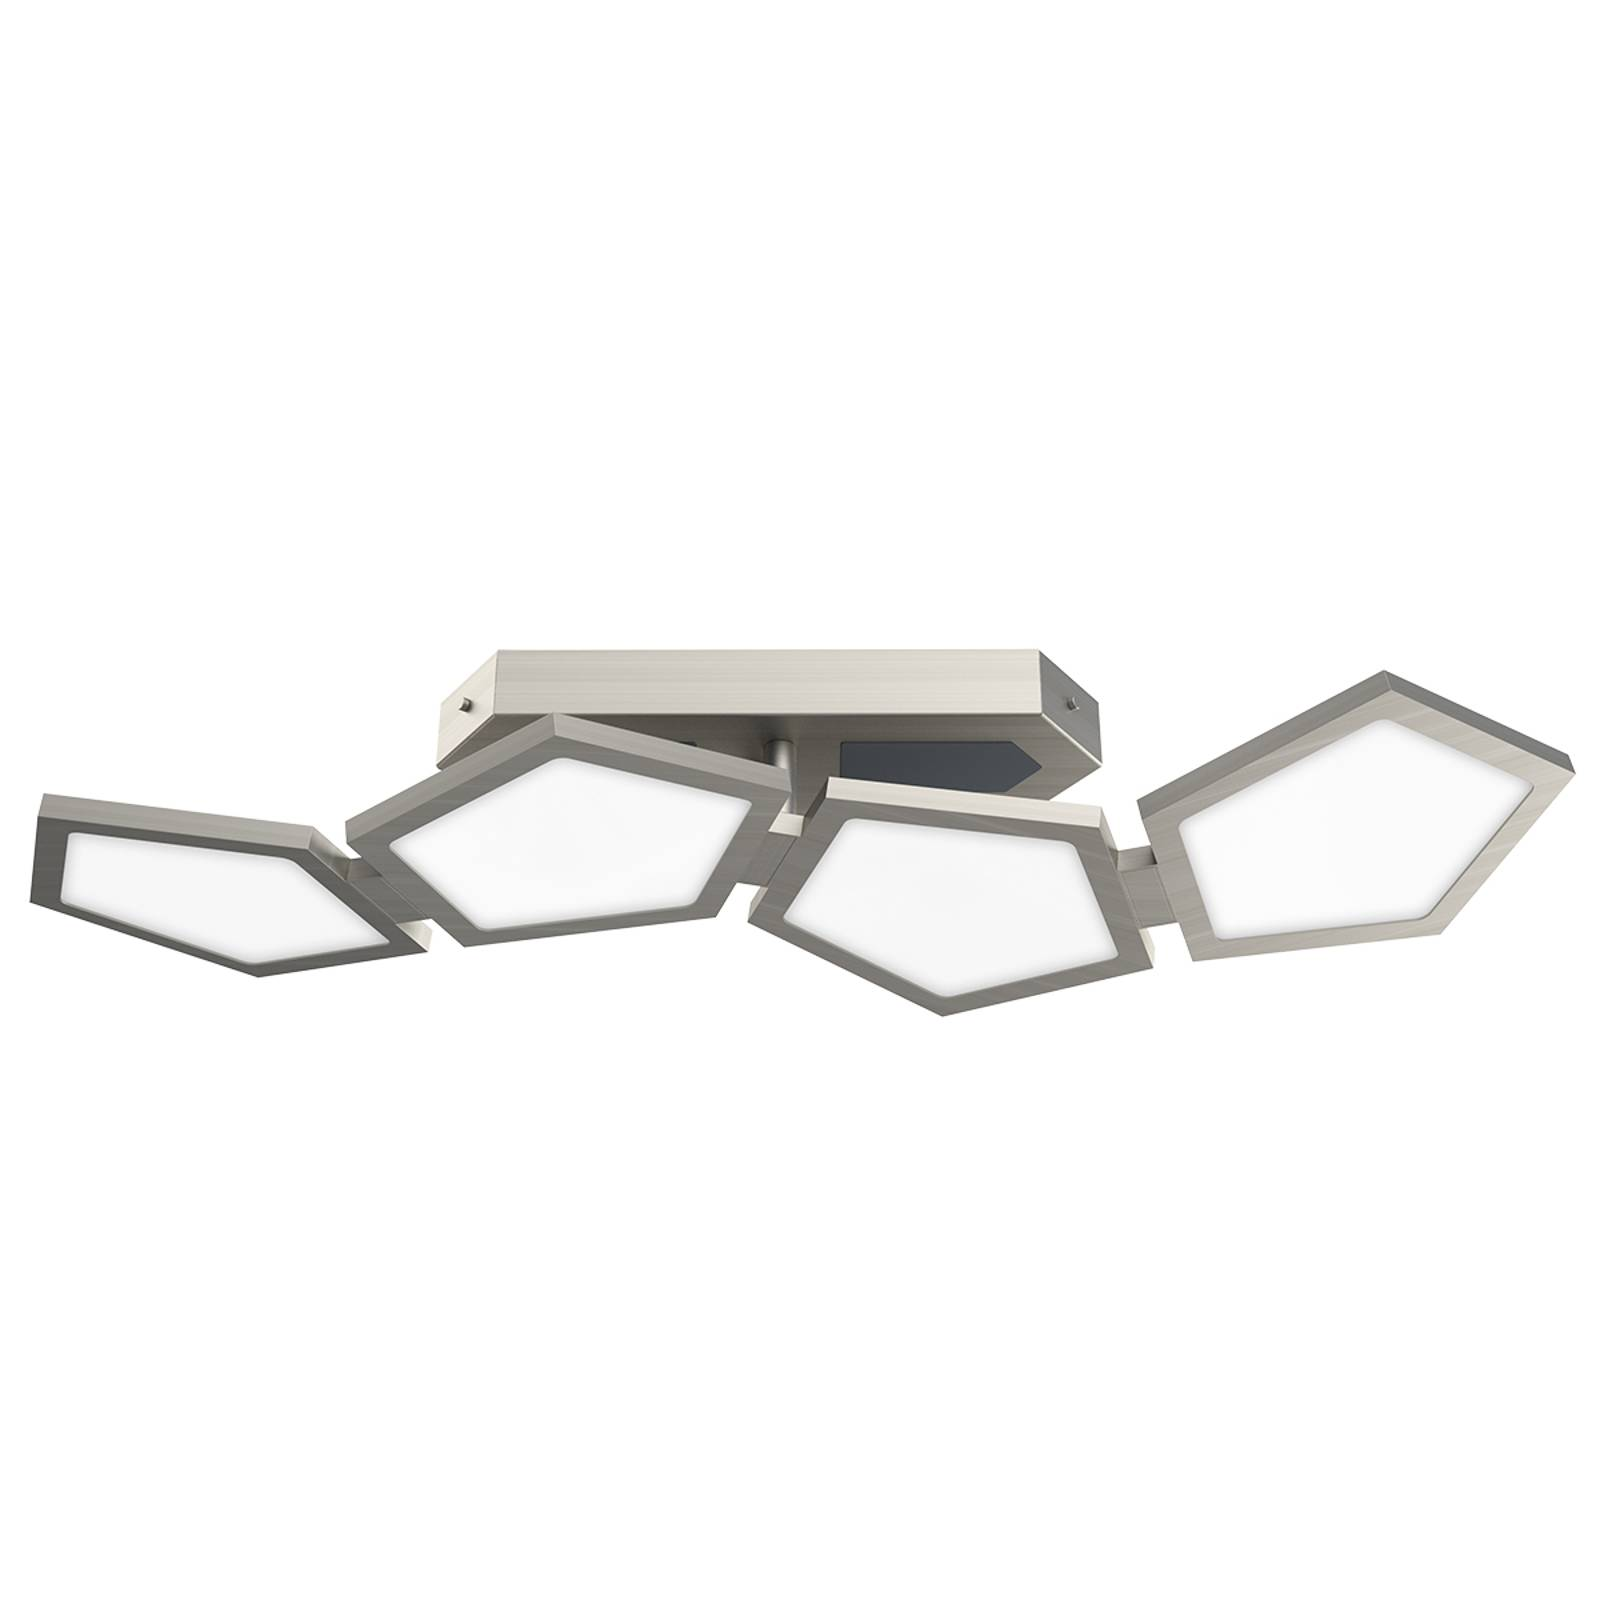 Tehokas Poly-LED-kattovalaisin, kauko-ohjaus